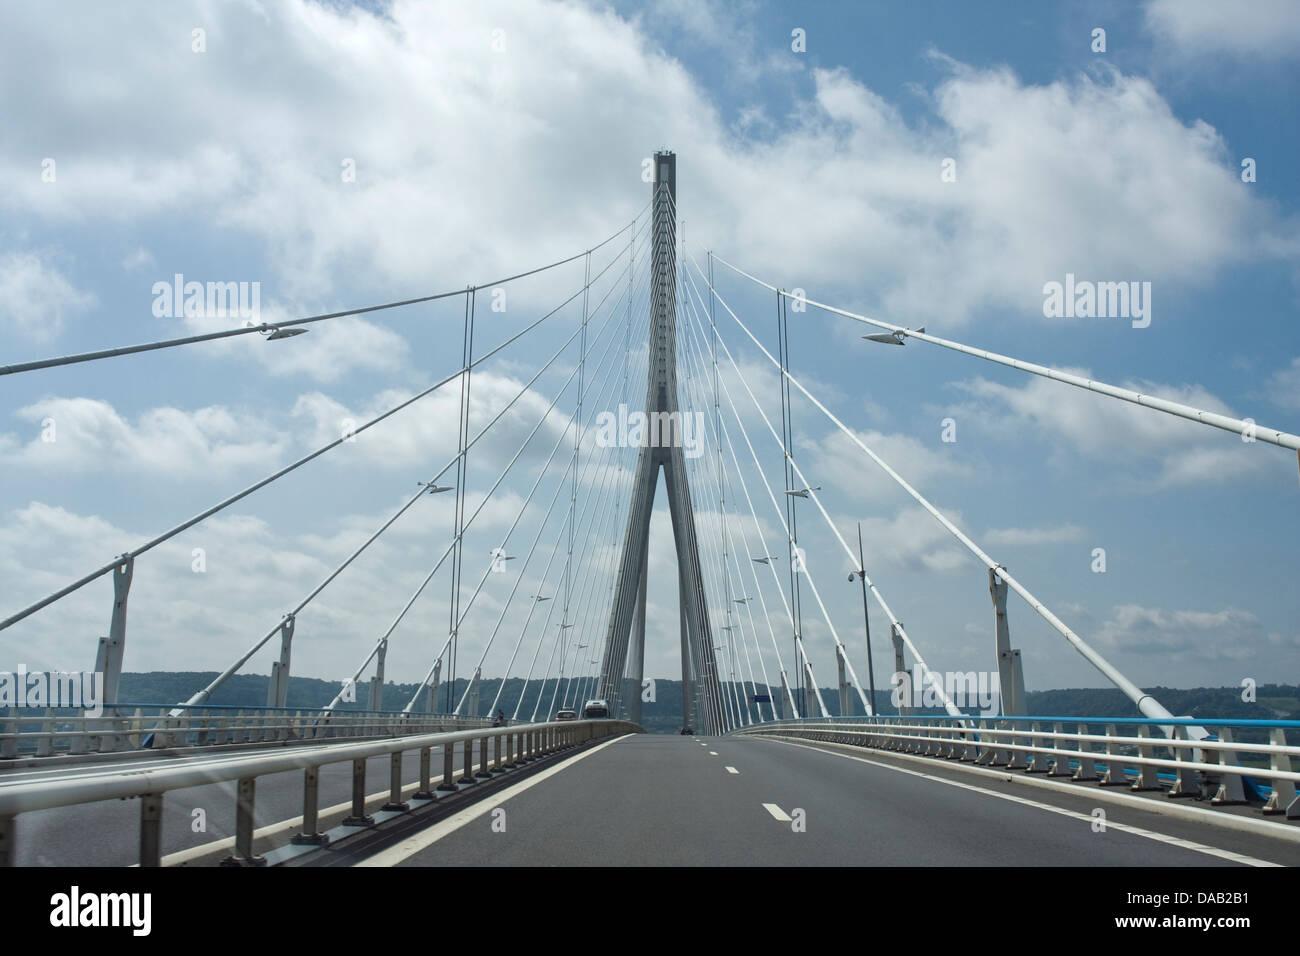 Europe, France, Haute-Normandie, Le Havre, Le pont de Normandie,bridge - Stock Image